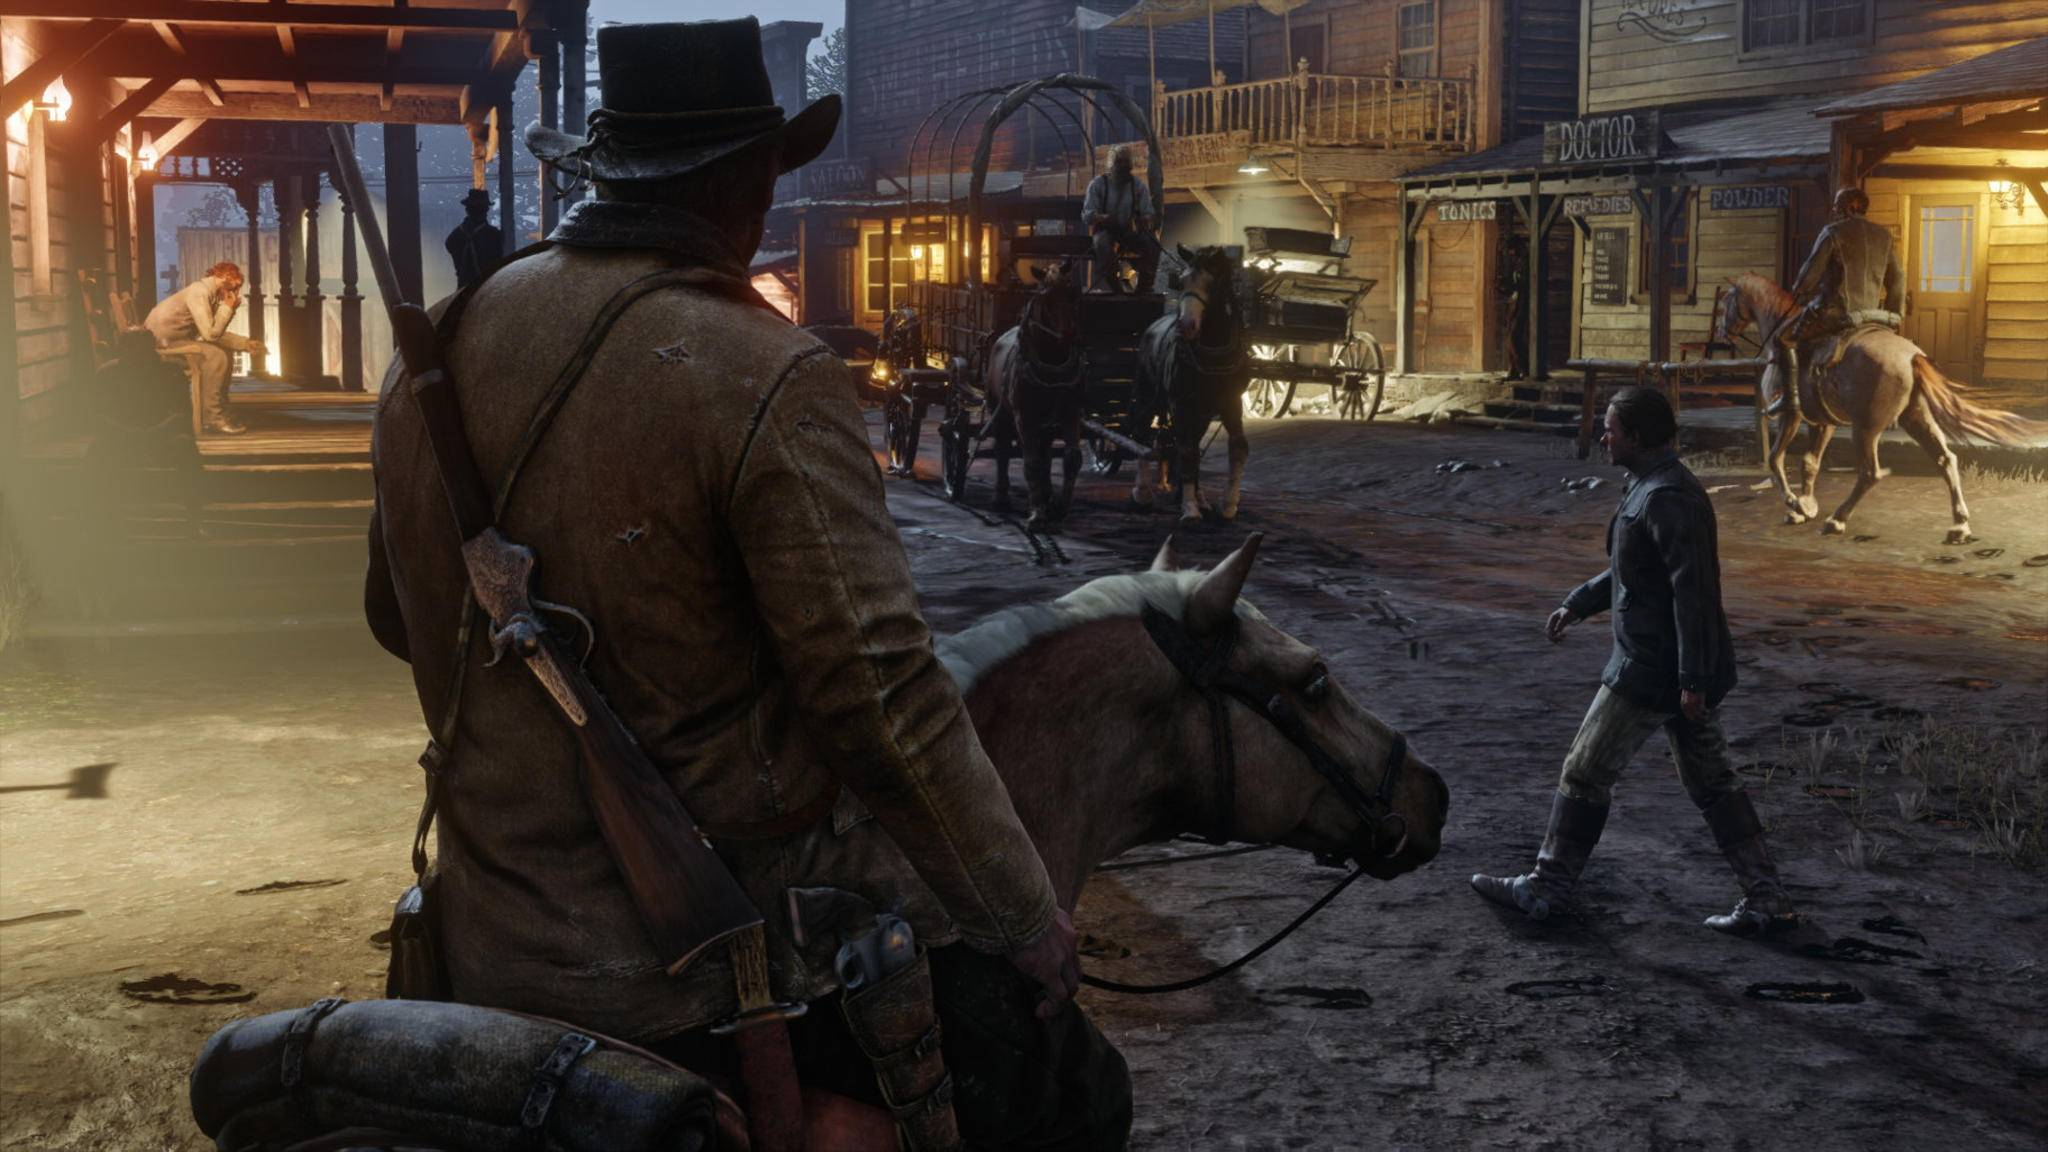 """Nur für Konsolen oder auch für PC? Diese Frage bleibt im Falle von """"Red Dead Redemption"""" vorerst ungeklärt."""